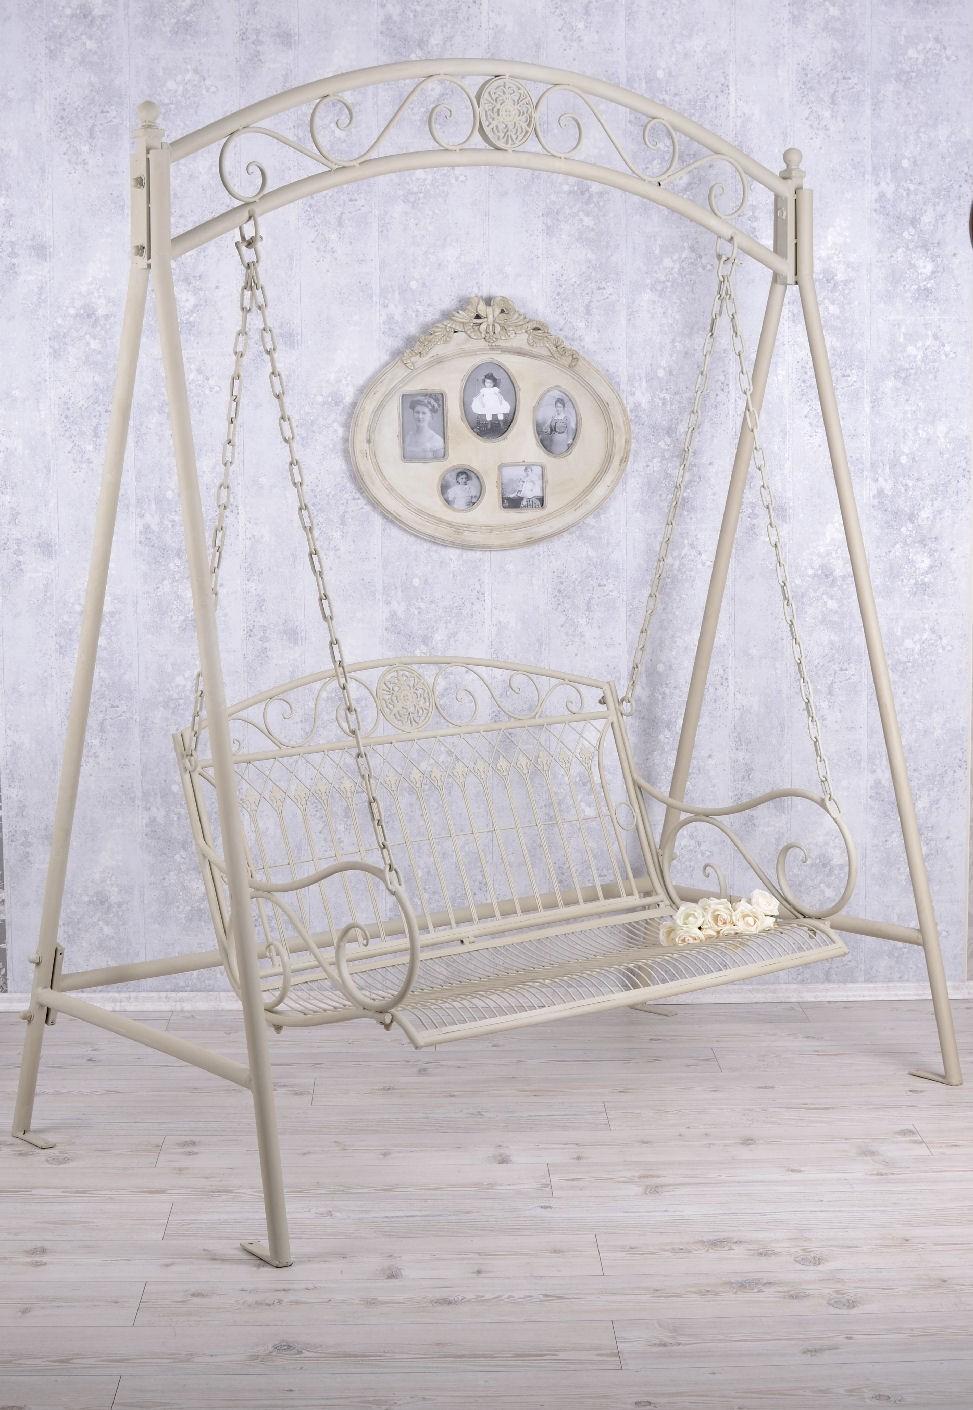 Full Size of Gartenschaukel Metall Hollywoodschaukel Weiss Schaukel Shabby Chic Bett Regal Regale Weiß Wohnzimmer Gartenschaukel Metall